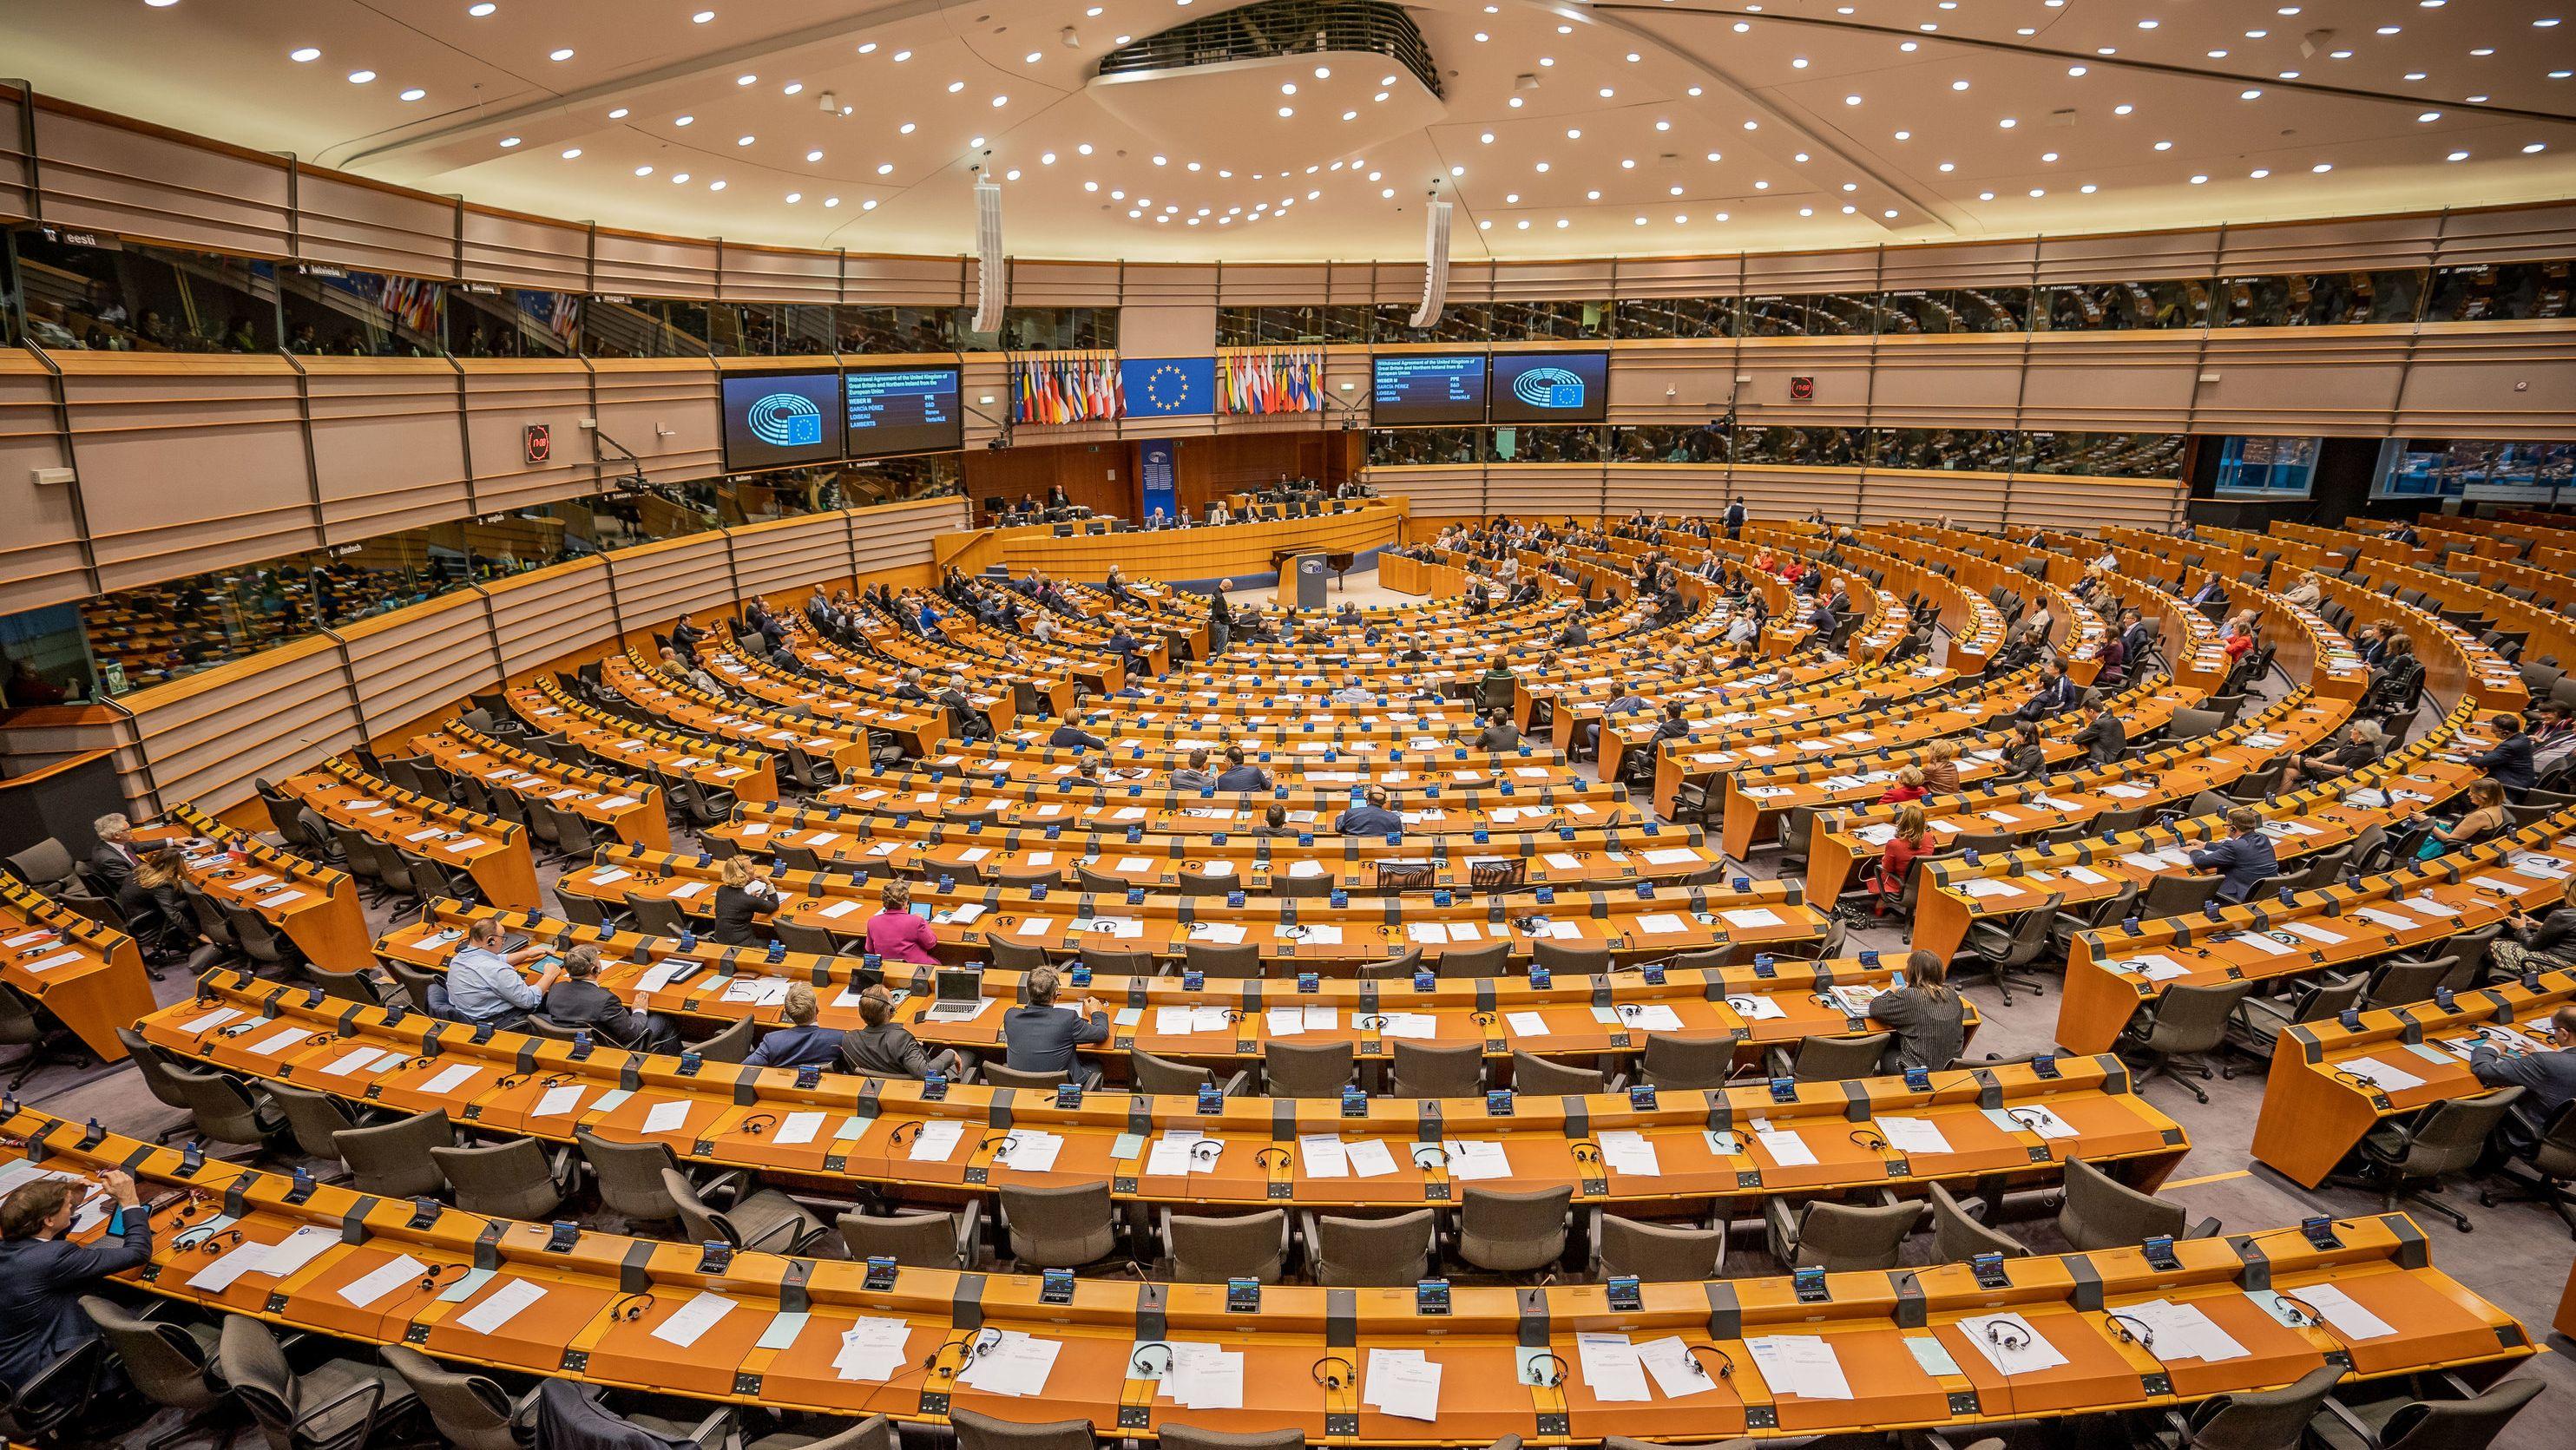 Der Weg für einen geregelten Austritt Großbritanniens aus der Europäischen Union zum Monatsende ist frei.